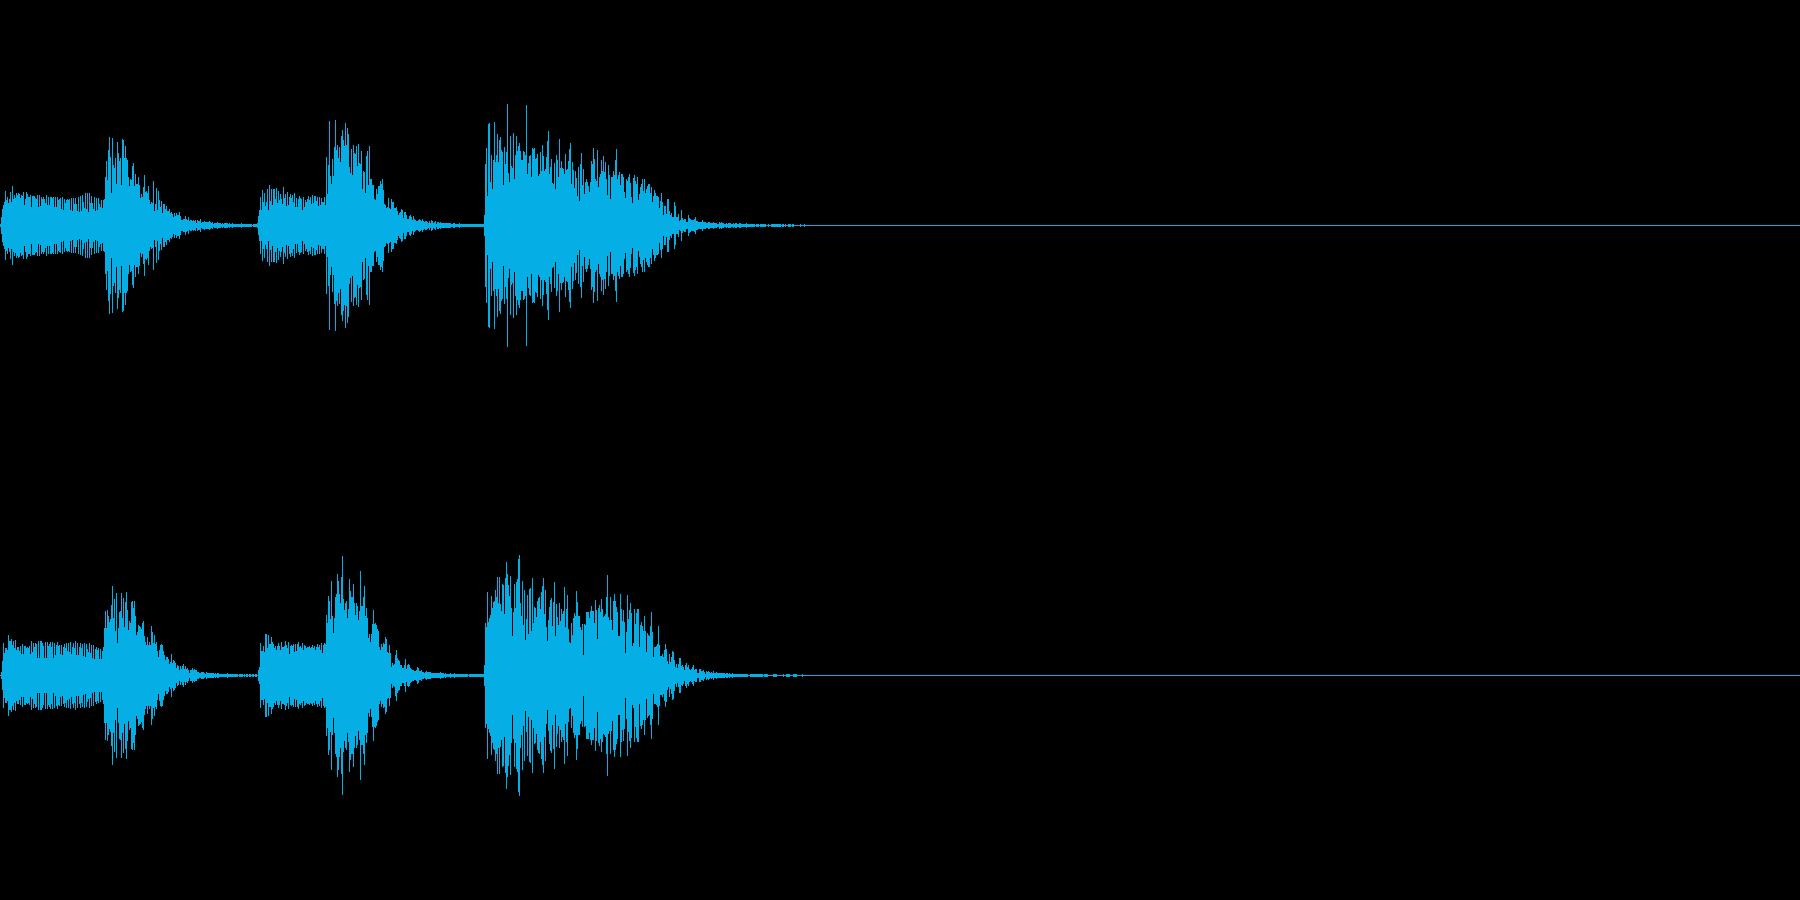 やさしいピアノ・サウンドロゴ4の再生済みの波形